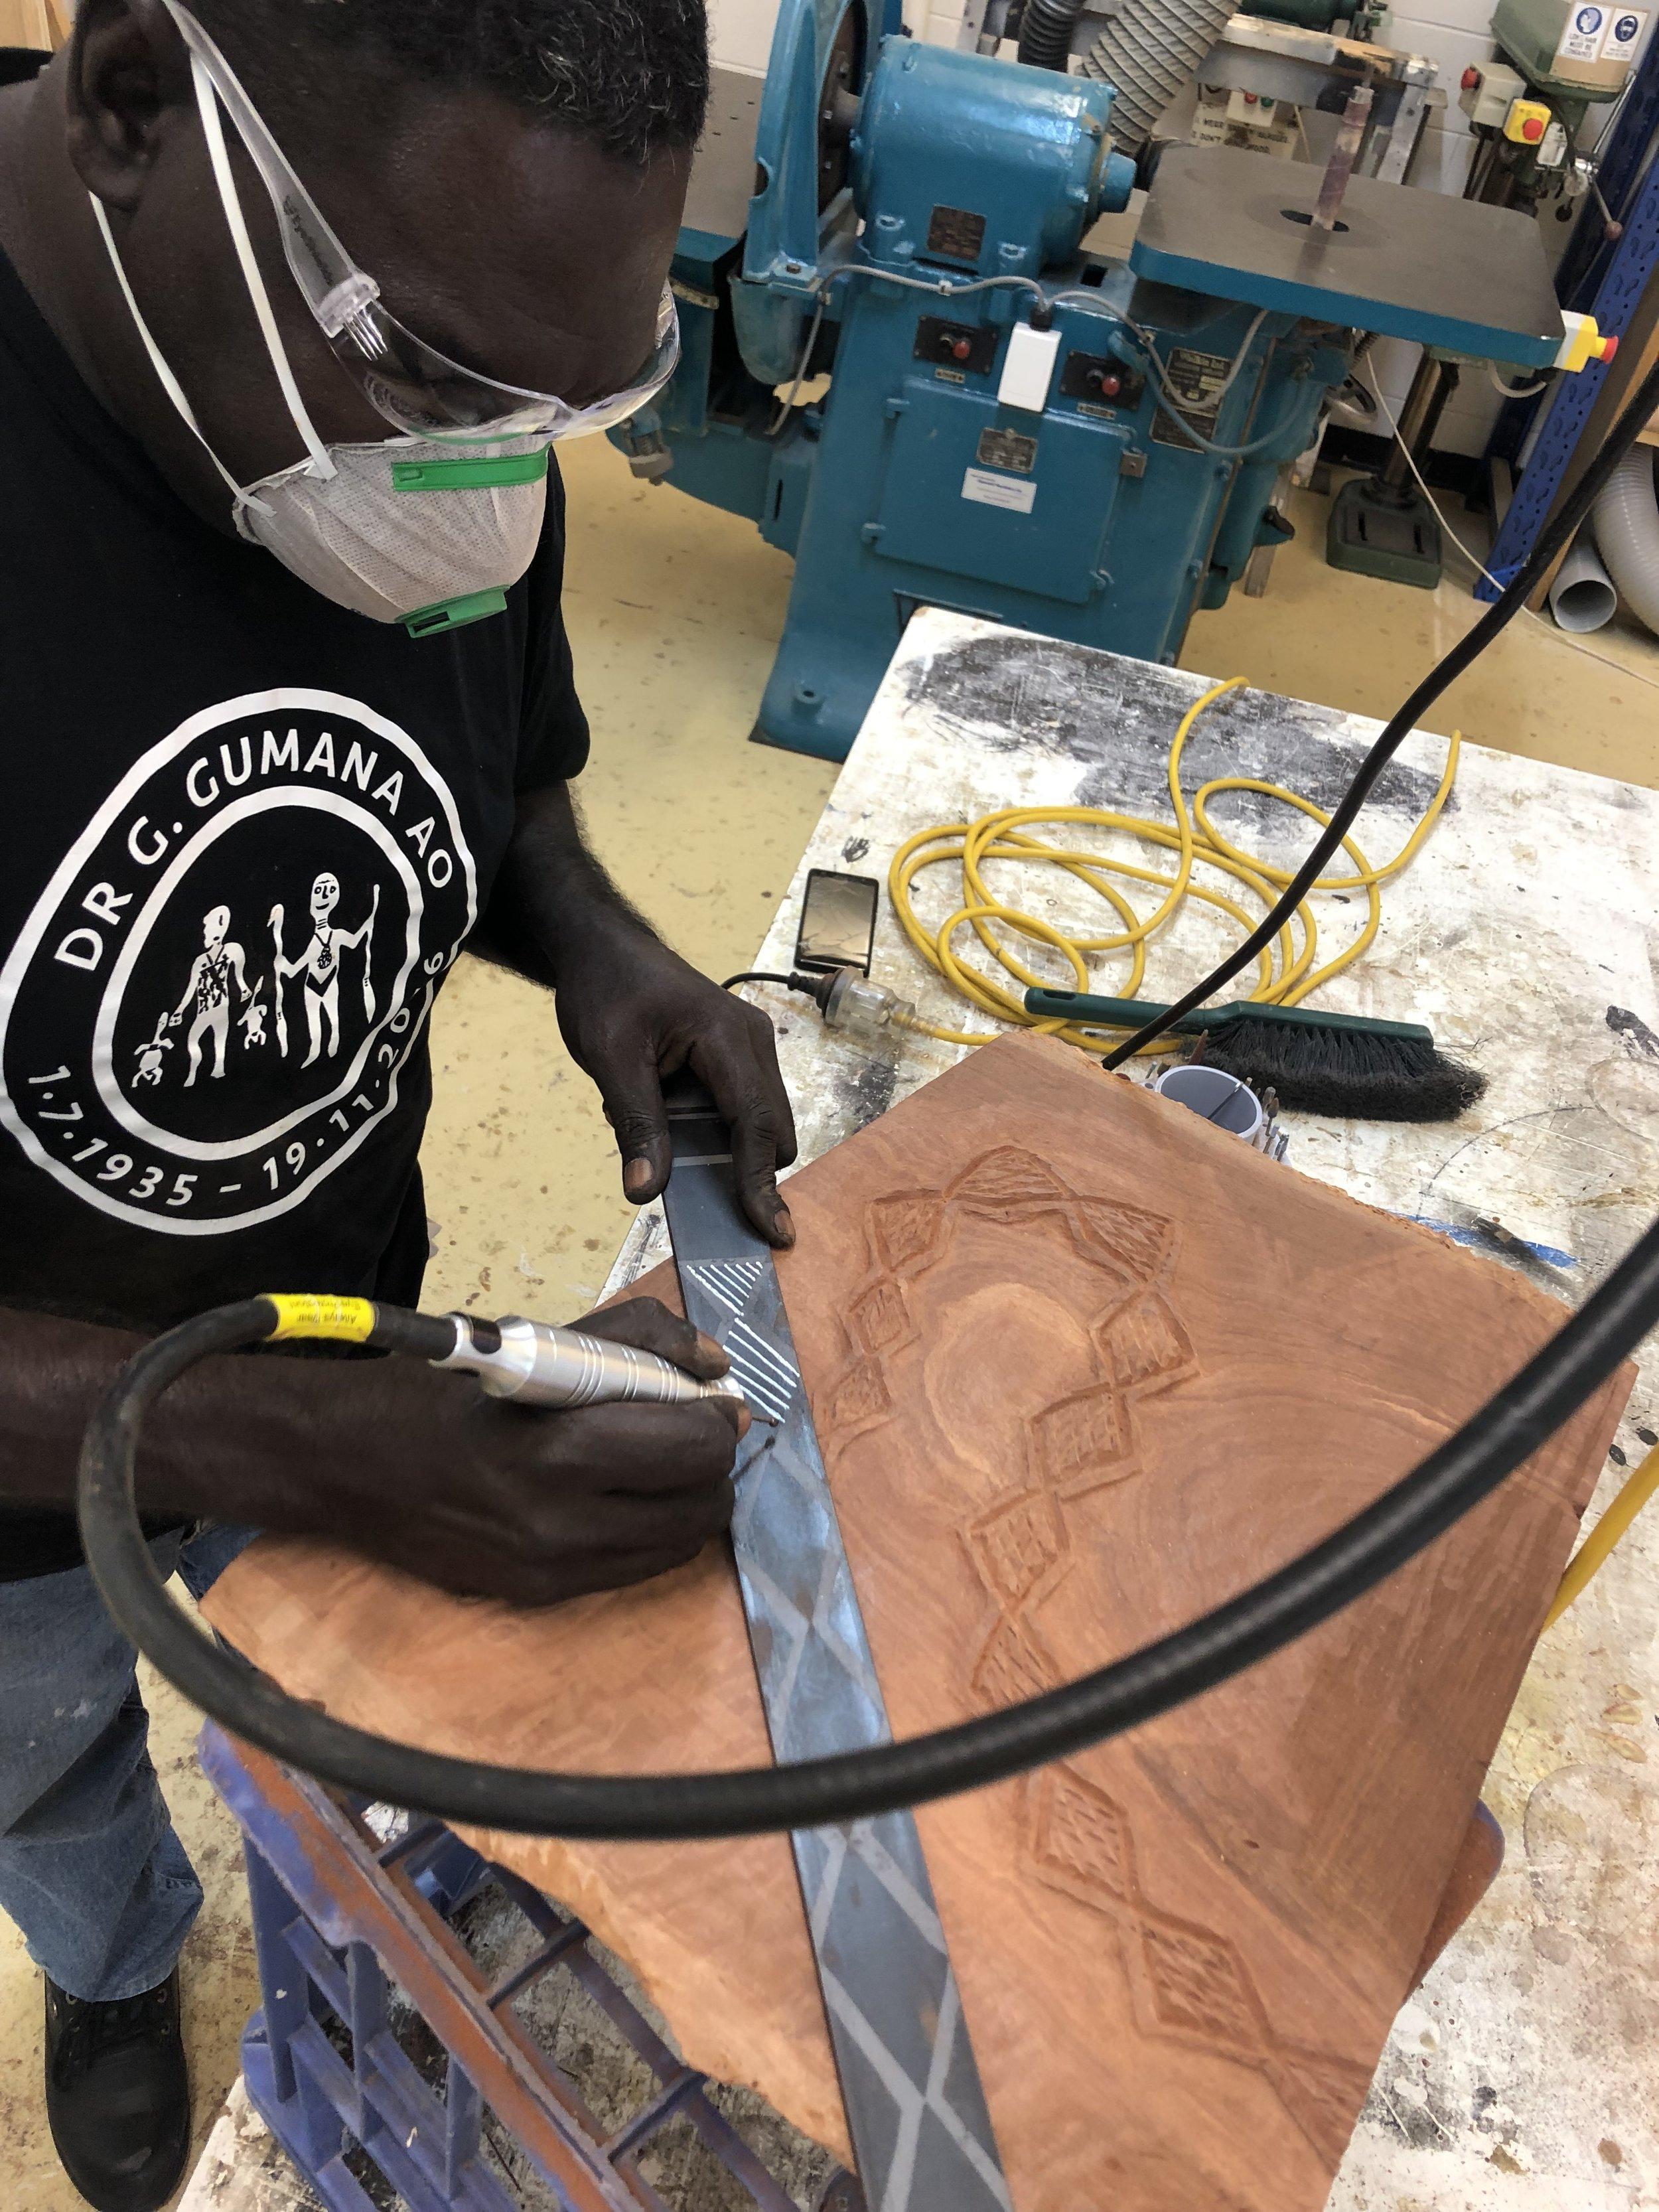 Test engraving on metal. Photo courtesy JamFactory.